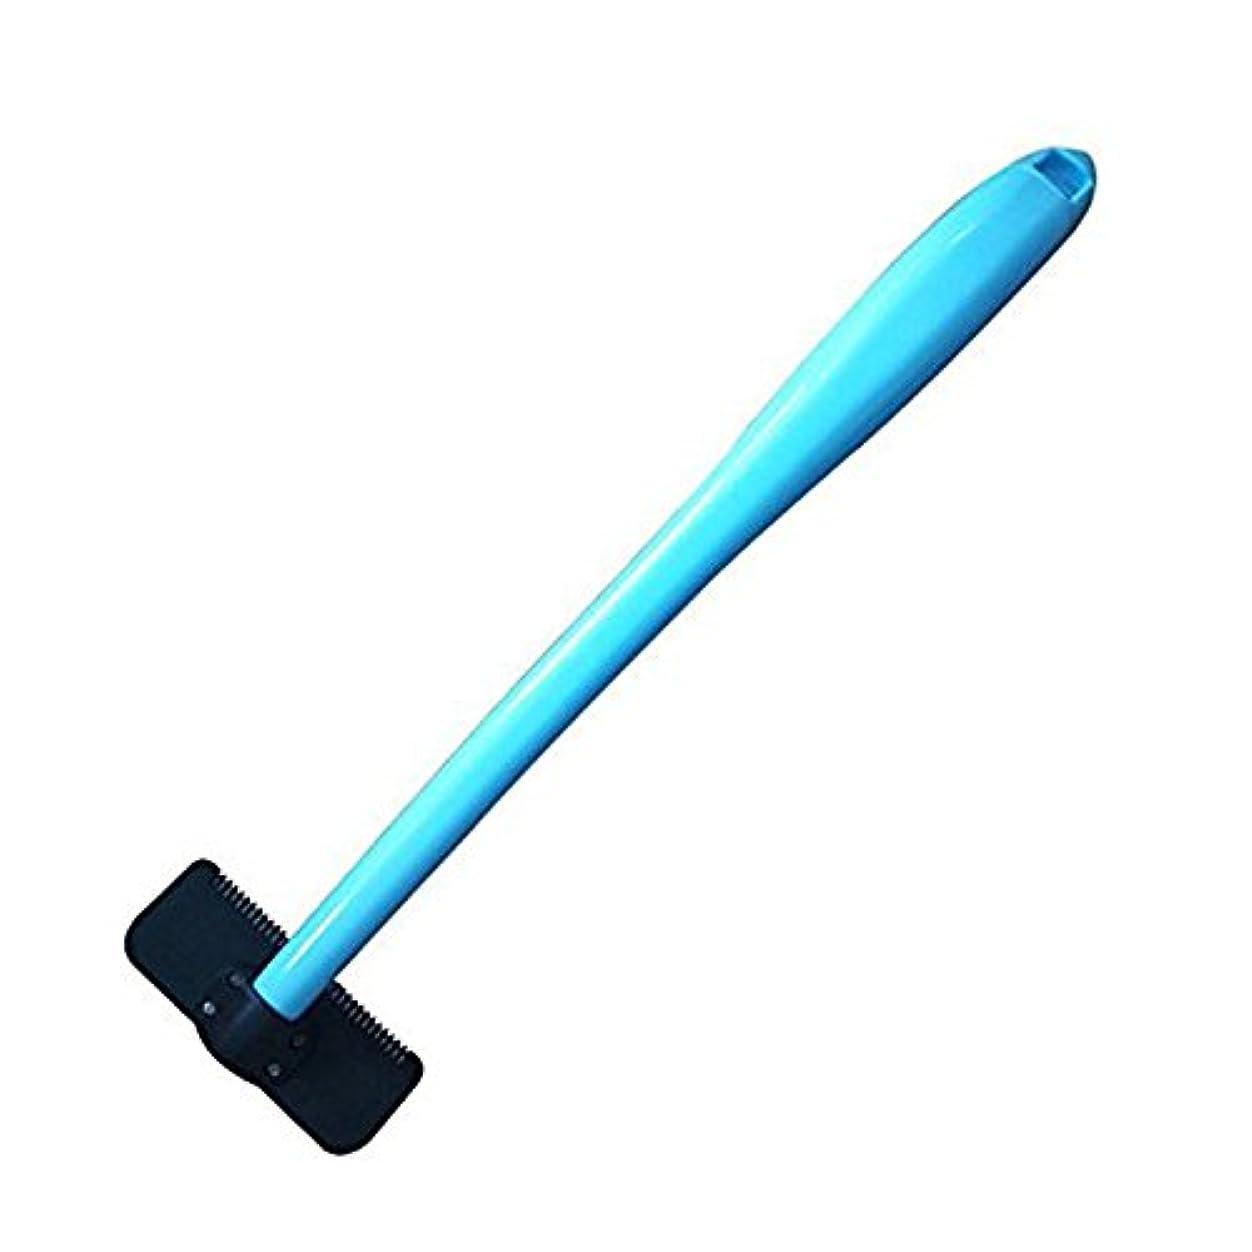 第五デコレーションゴルフLiebeye バックシェイバー メンズ バックヘアプラスチックロングシェービングハンドルシェーバーボディヘアケア ブルー